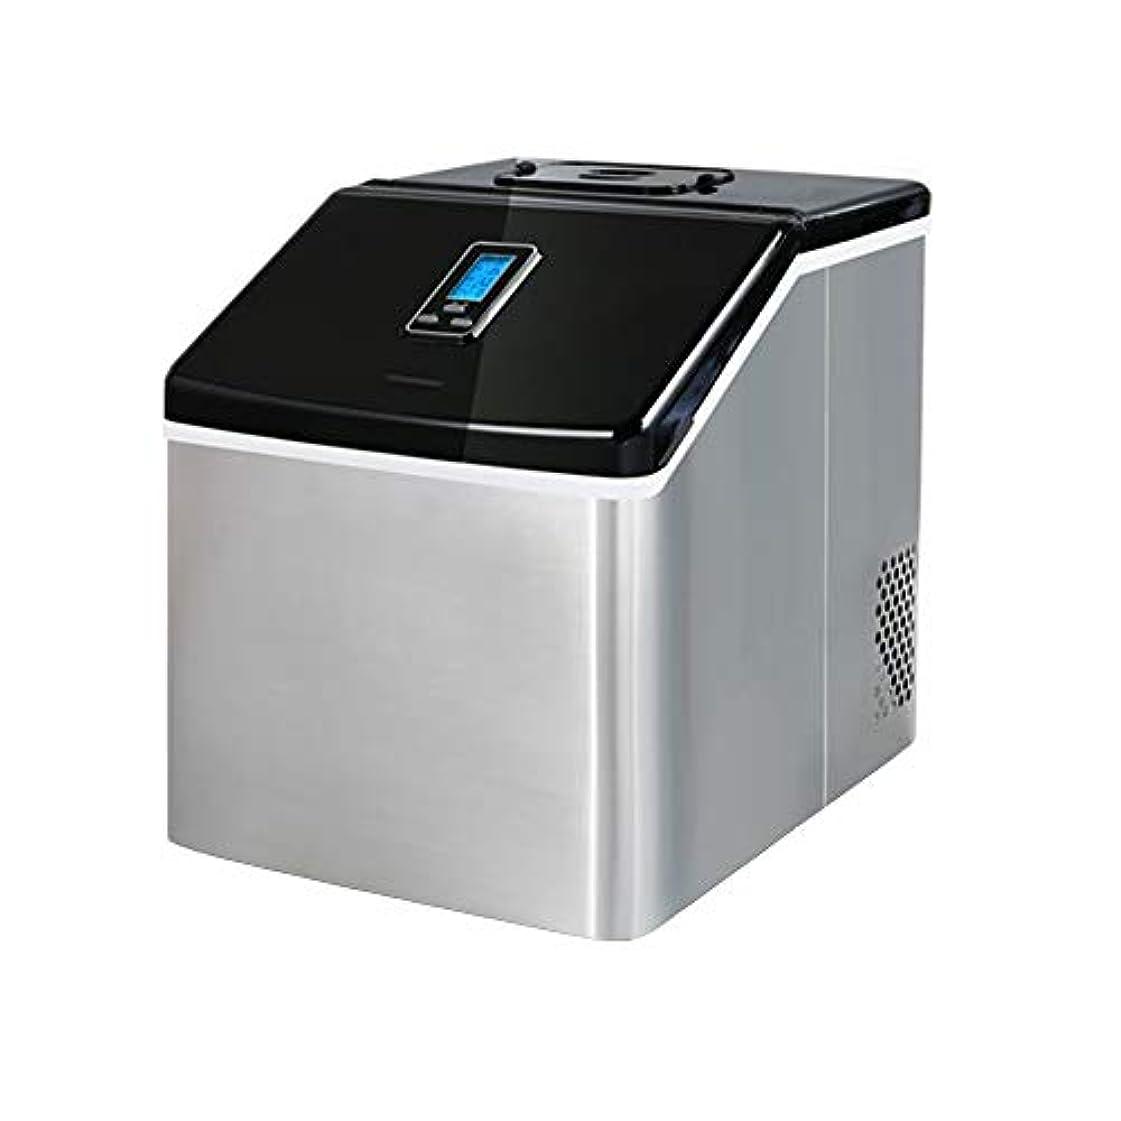 ジャズスティーブンソンブルジョンXyanzi 自動製氷機 カウンタートップ製氷機、手動商業喫茶店バーホームバーデスクトップ小型アイスキューブ製氷機24アイスキューブ12?20分で準備ができている毎日55ポンド